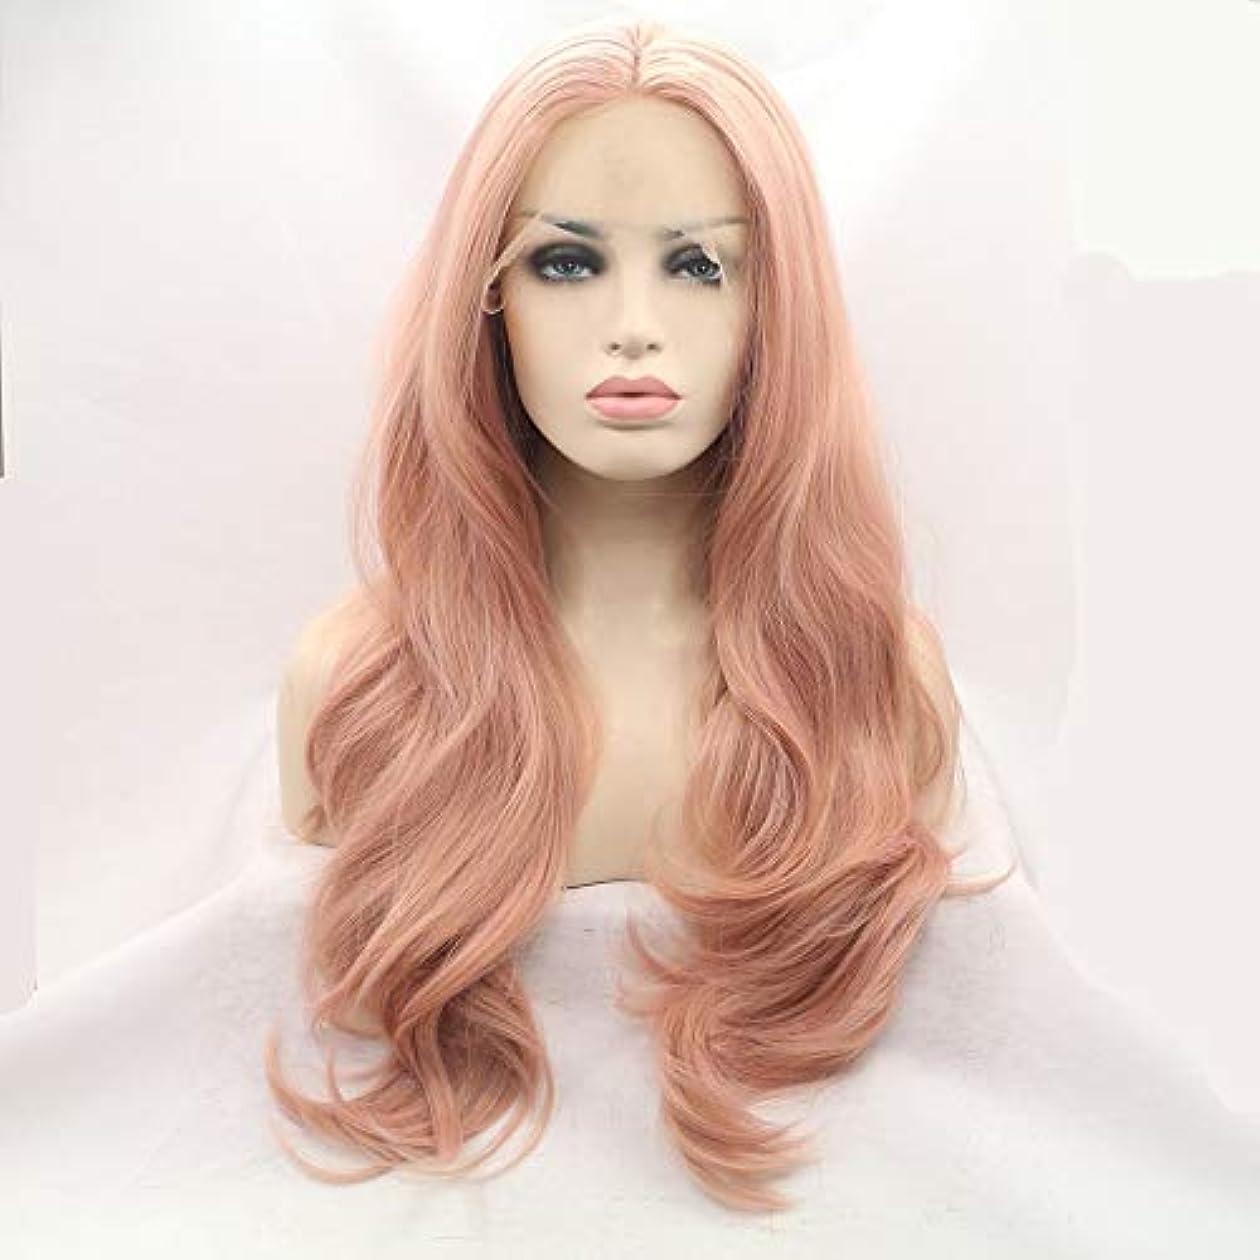 アクセシブルパッチ小間かつらキャップかつらで長いファンシードレスカール女性用高品質な人工毛髪コスプレ高密度かつら18インチ、20インチ、22インチ、24インチ、26インチ (Size : 22inch)